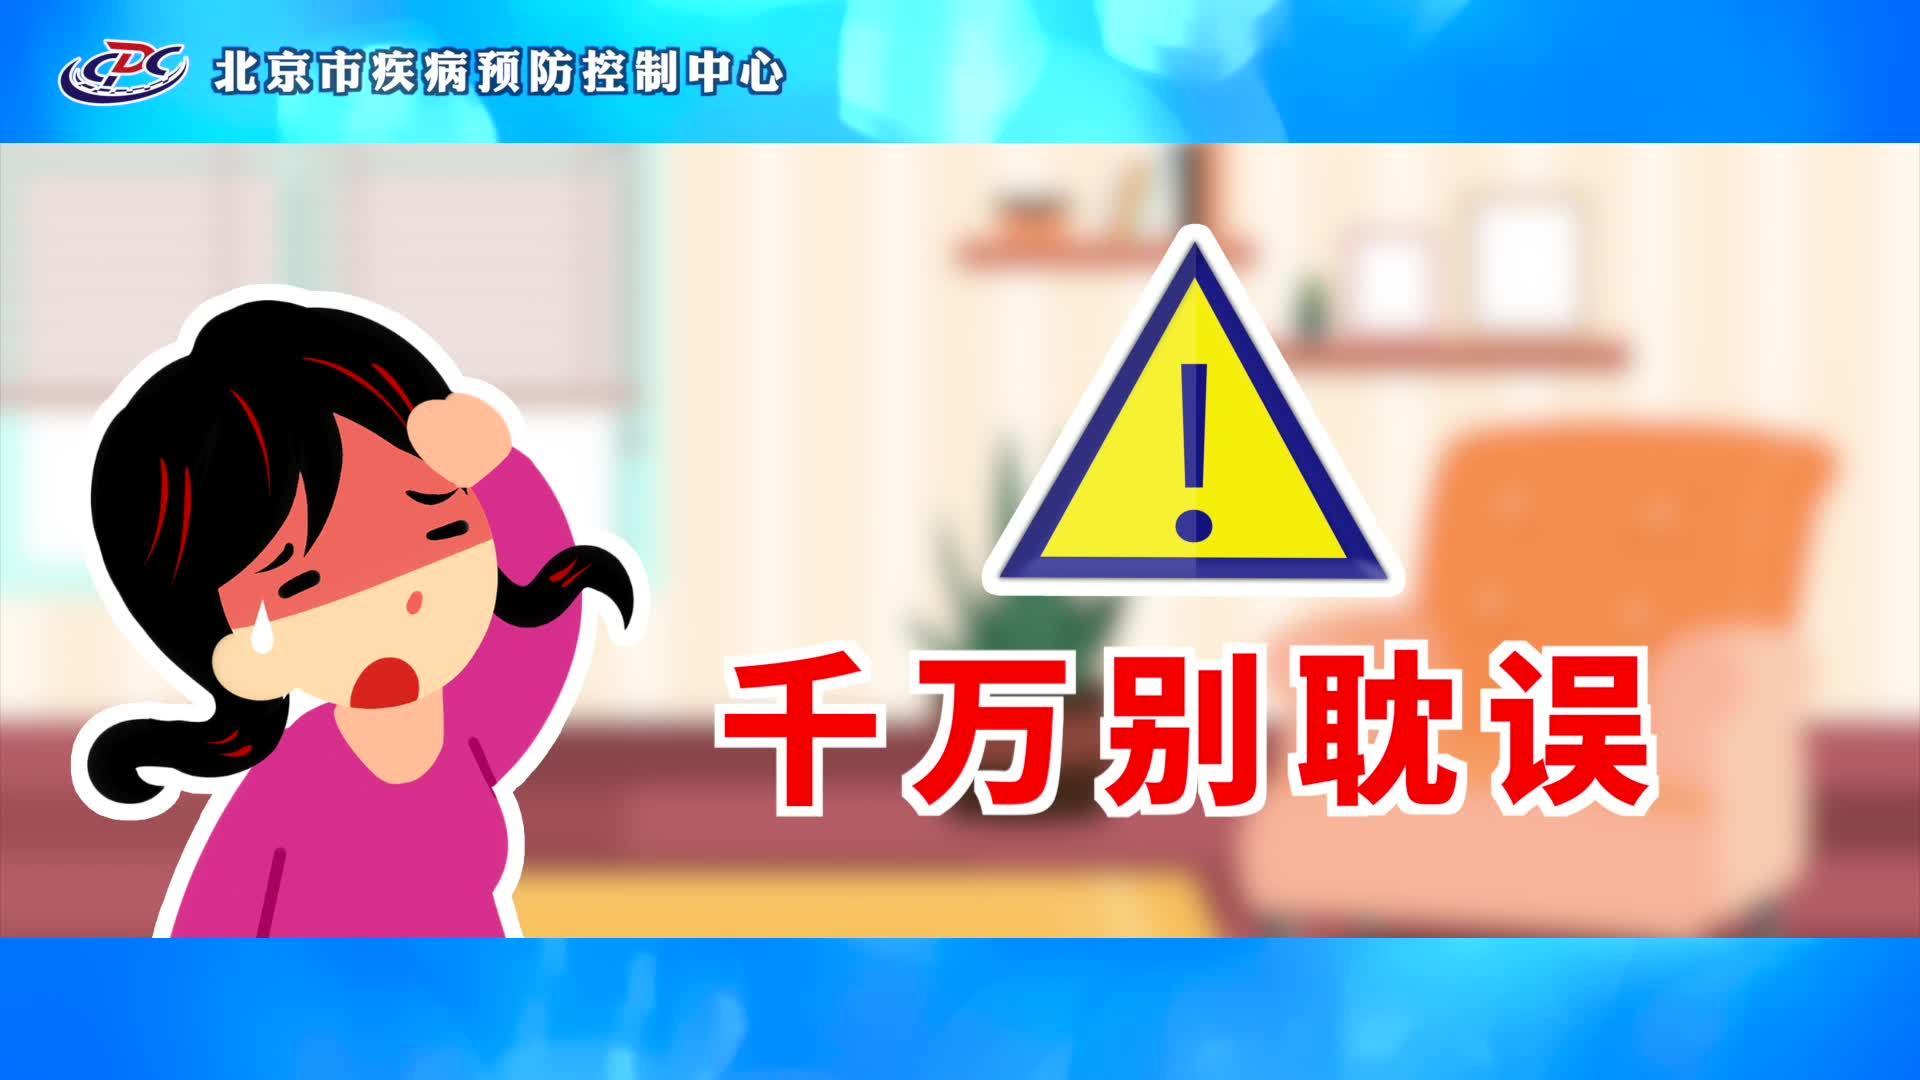 【北京疾控中心温馨提示】出现发热别硬抗